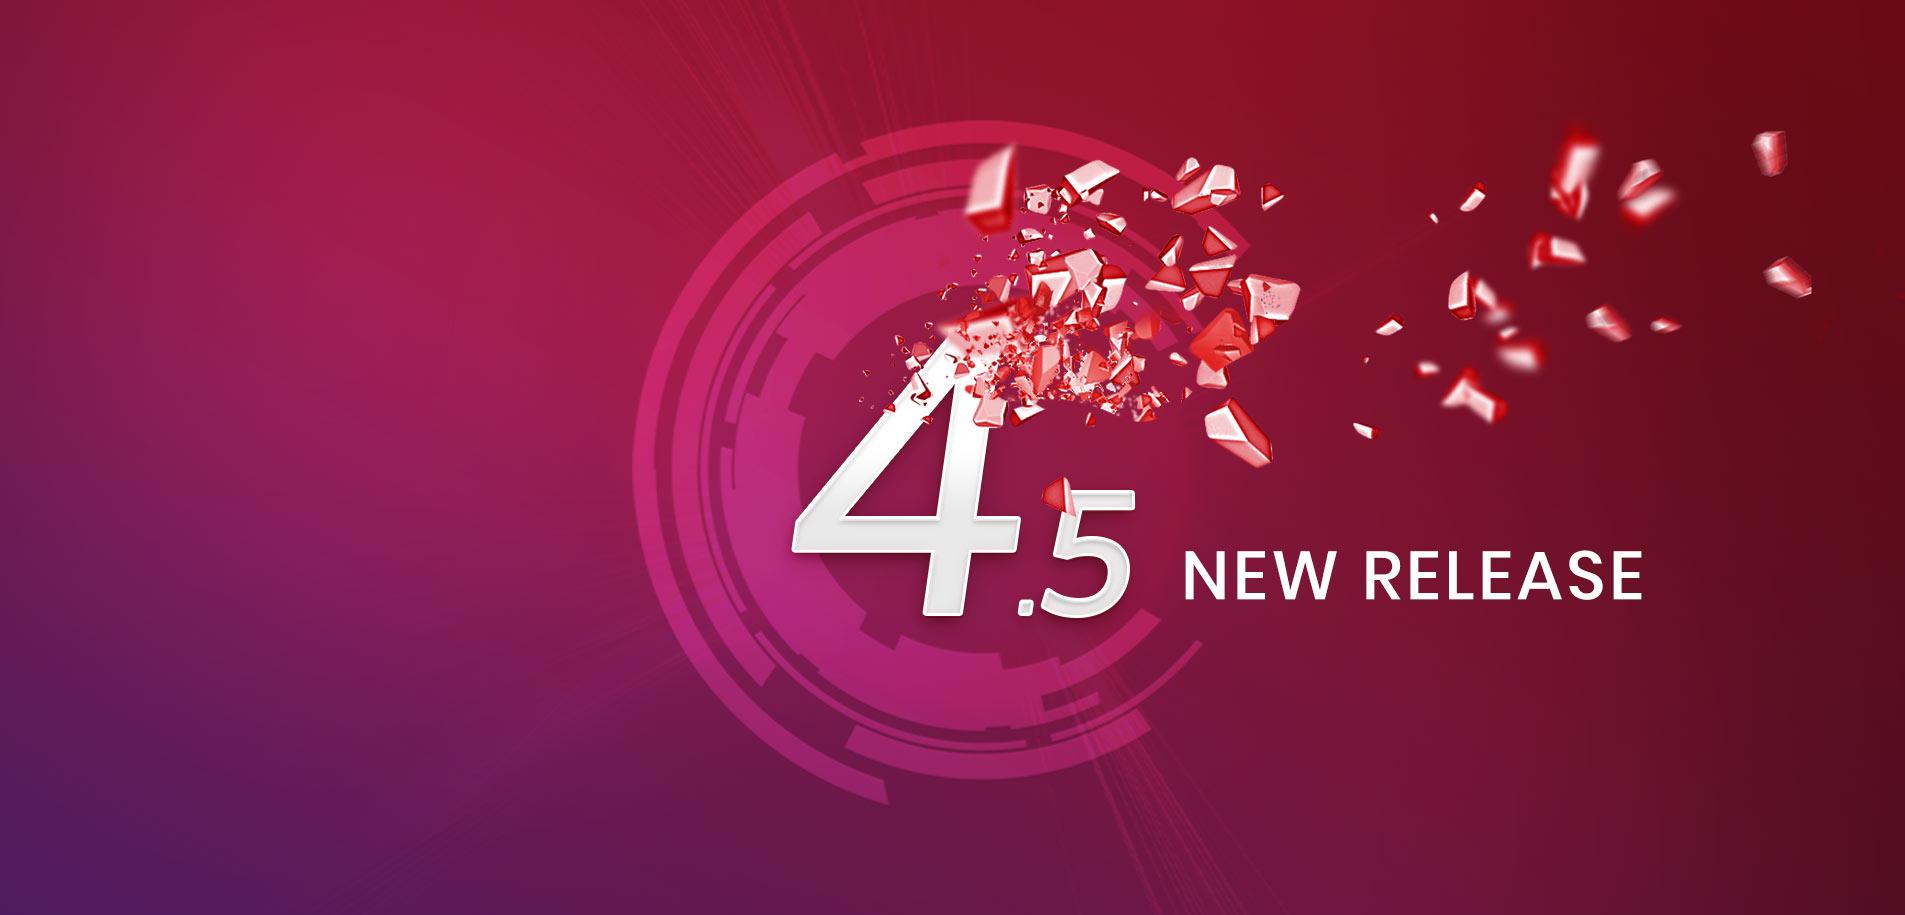 Новая версия Rocky DEM 4.5 ускоряет процесс моделирования частиц за счет гибкости решателя, повышения скорости вычислений и более глубокой интеграции с Ansys